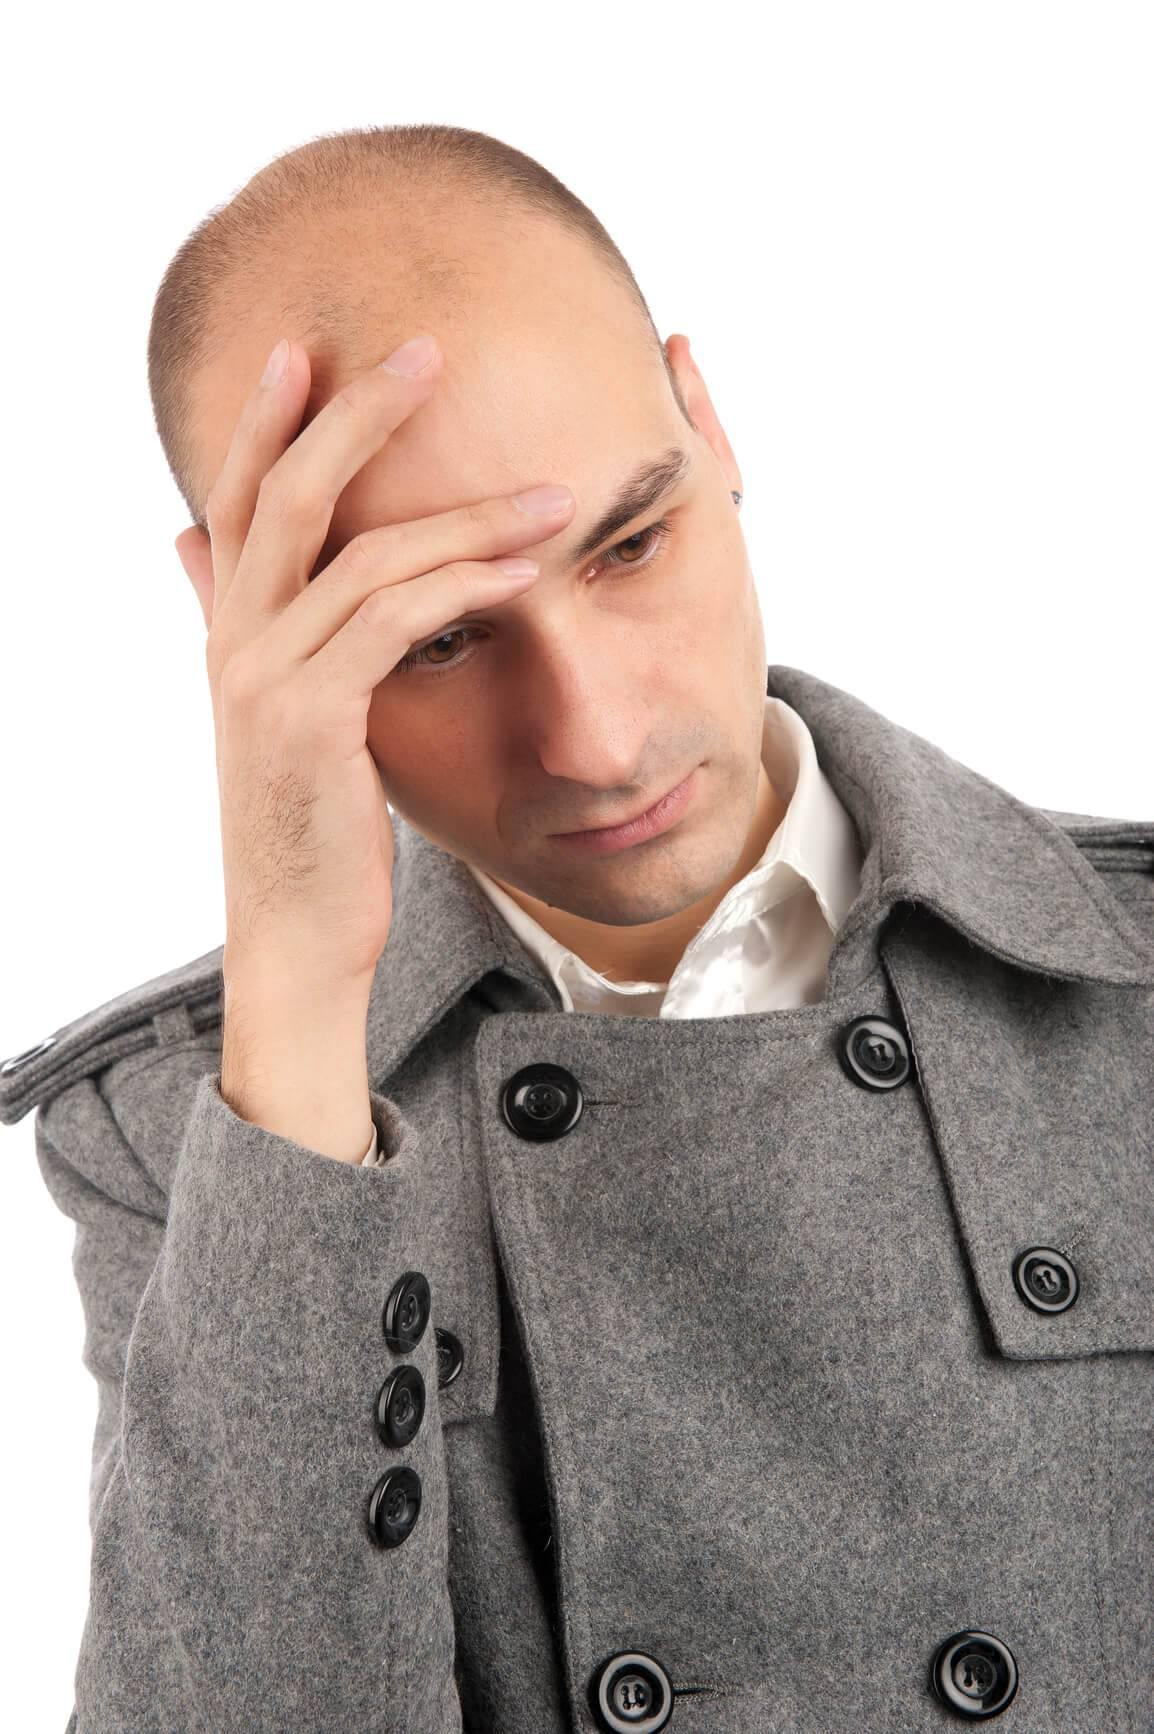 Кровь при мочеиспускании у мужчин – рассмотрим основные причины.